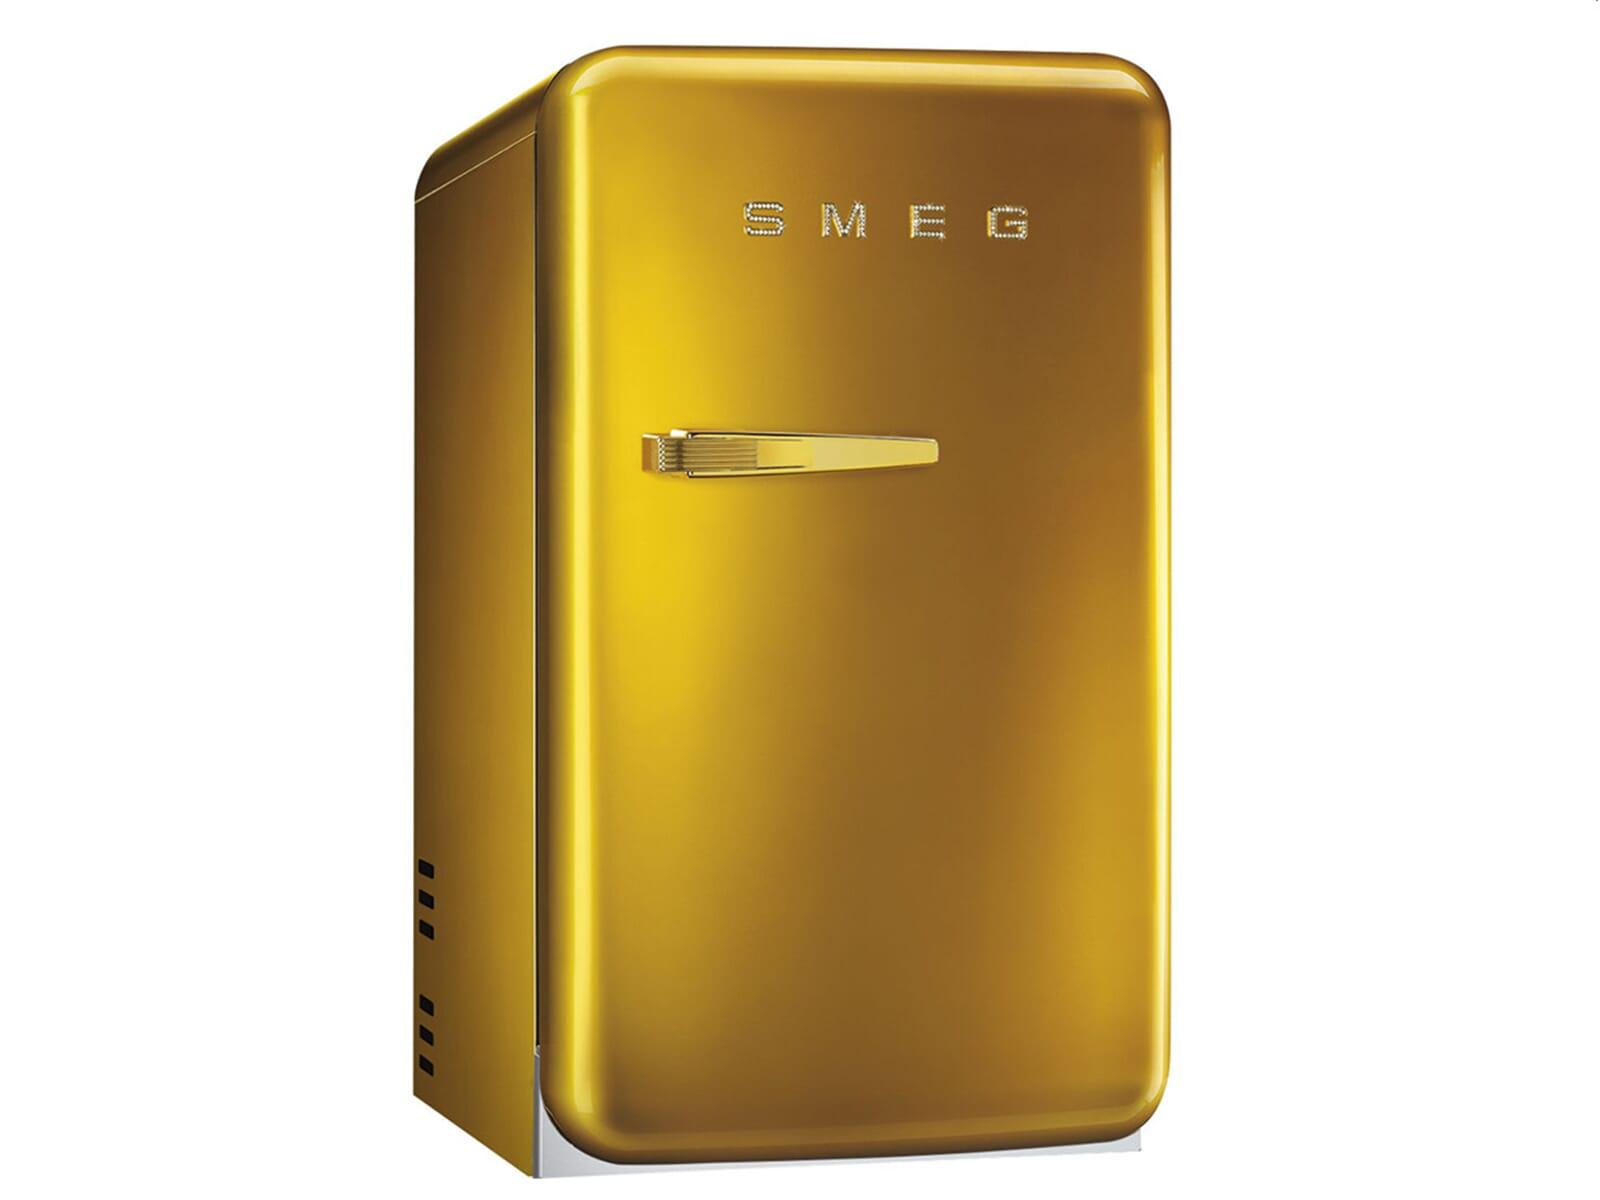 Smeg Kühlschrank Groß : Der bosch retro kühlschrank bringt farbe in die küche